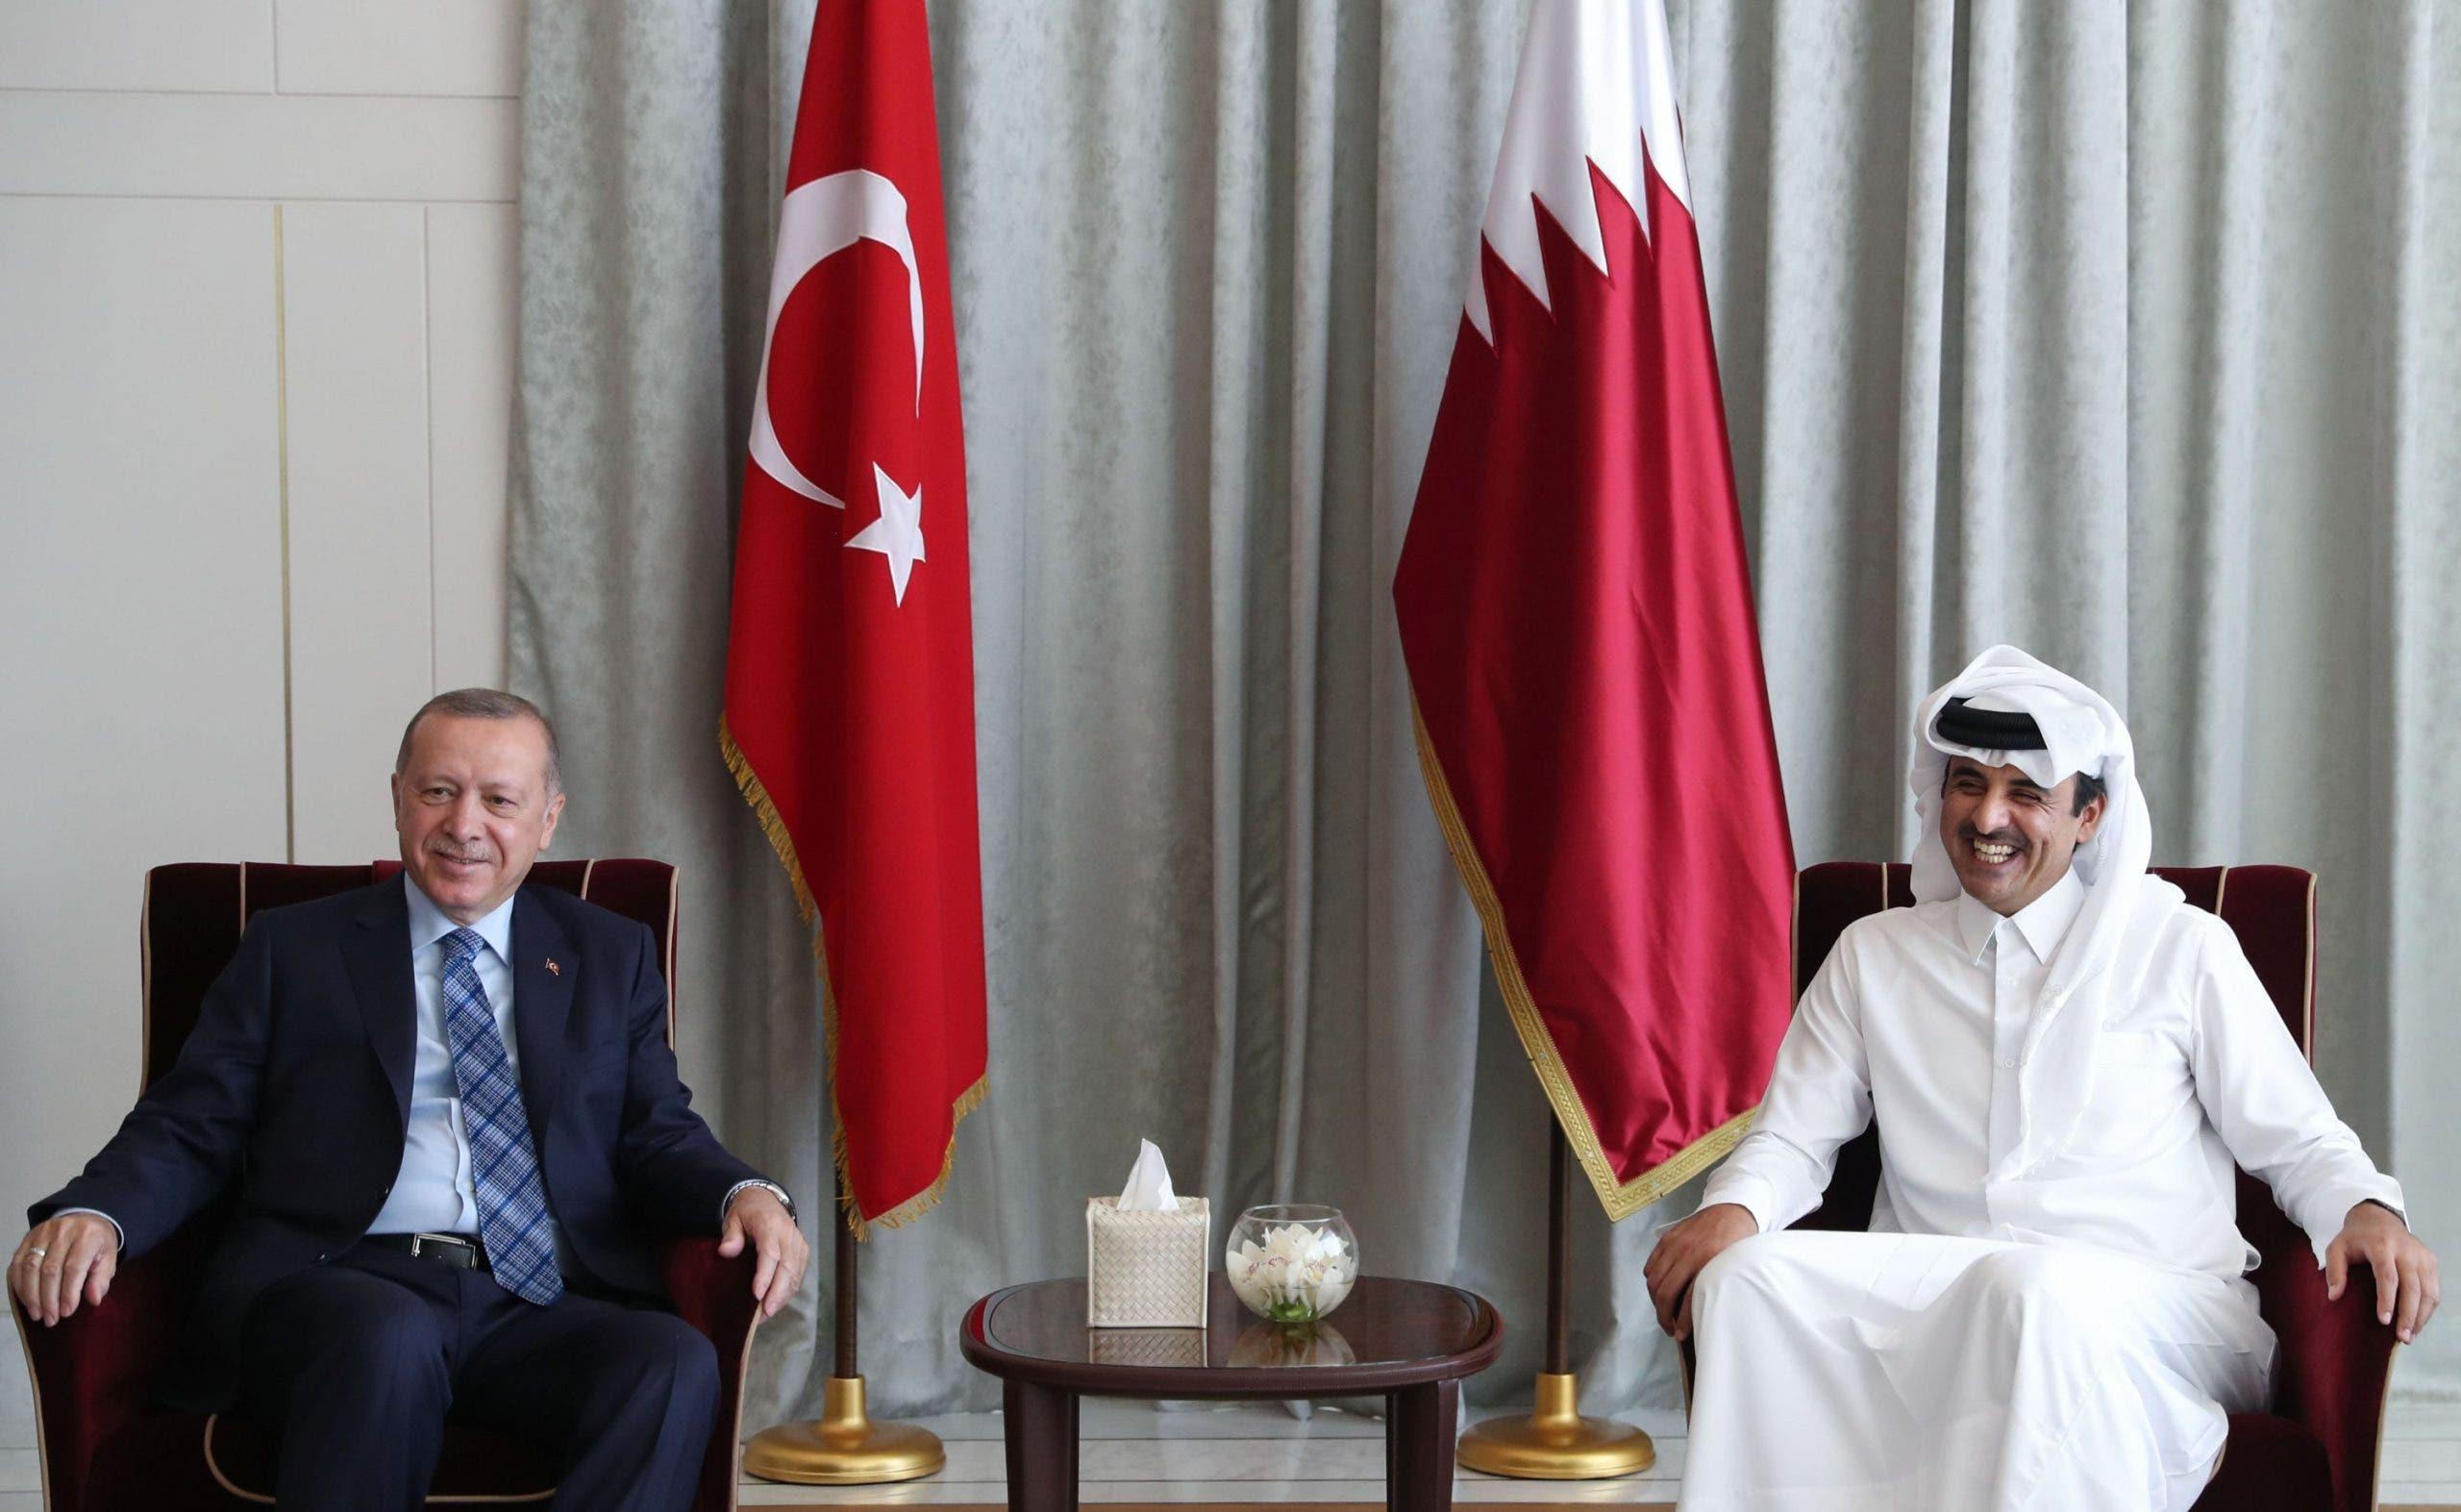 Qodobada heshiis xasaasi ah oo Turkey iyo Qatar ay la gaareen Taalibaan (Aqriso)